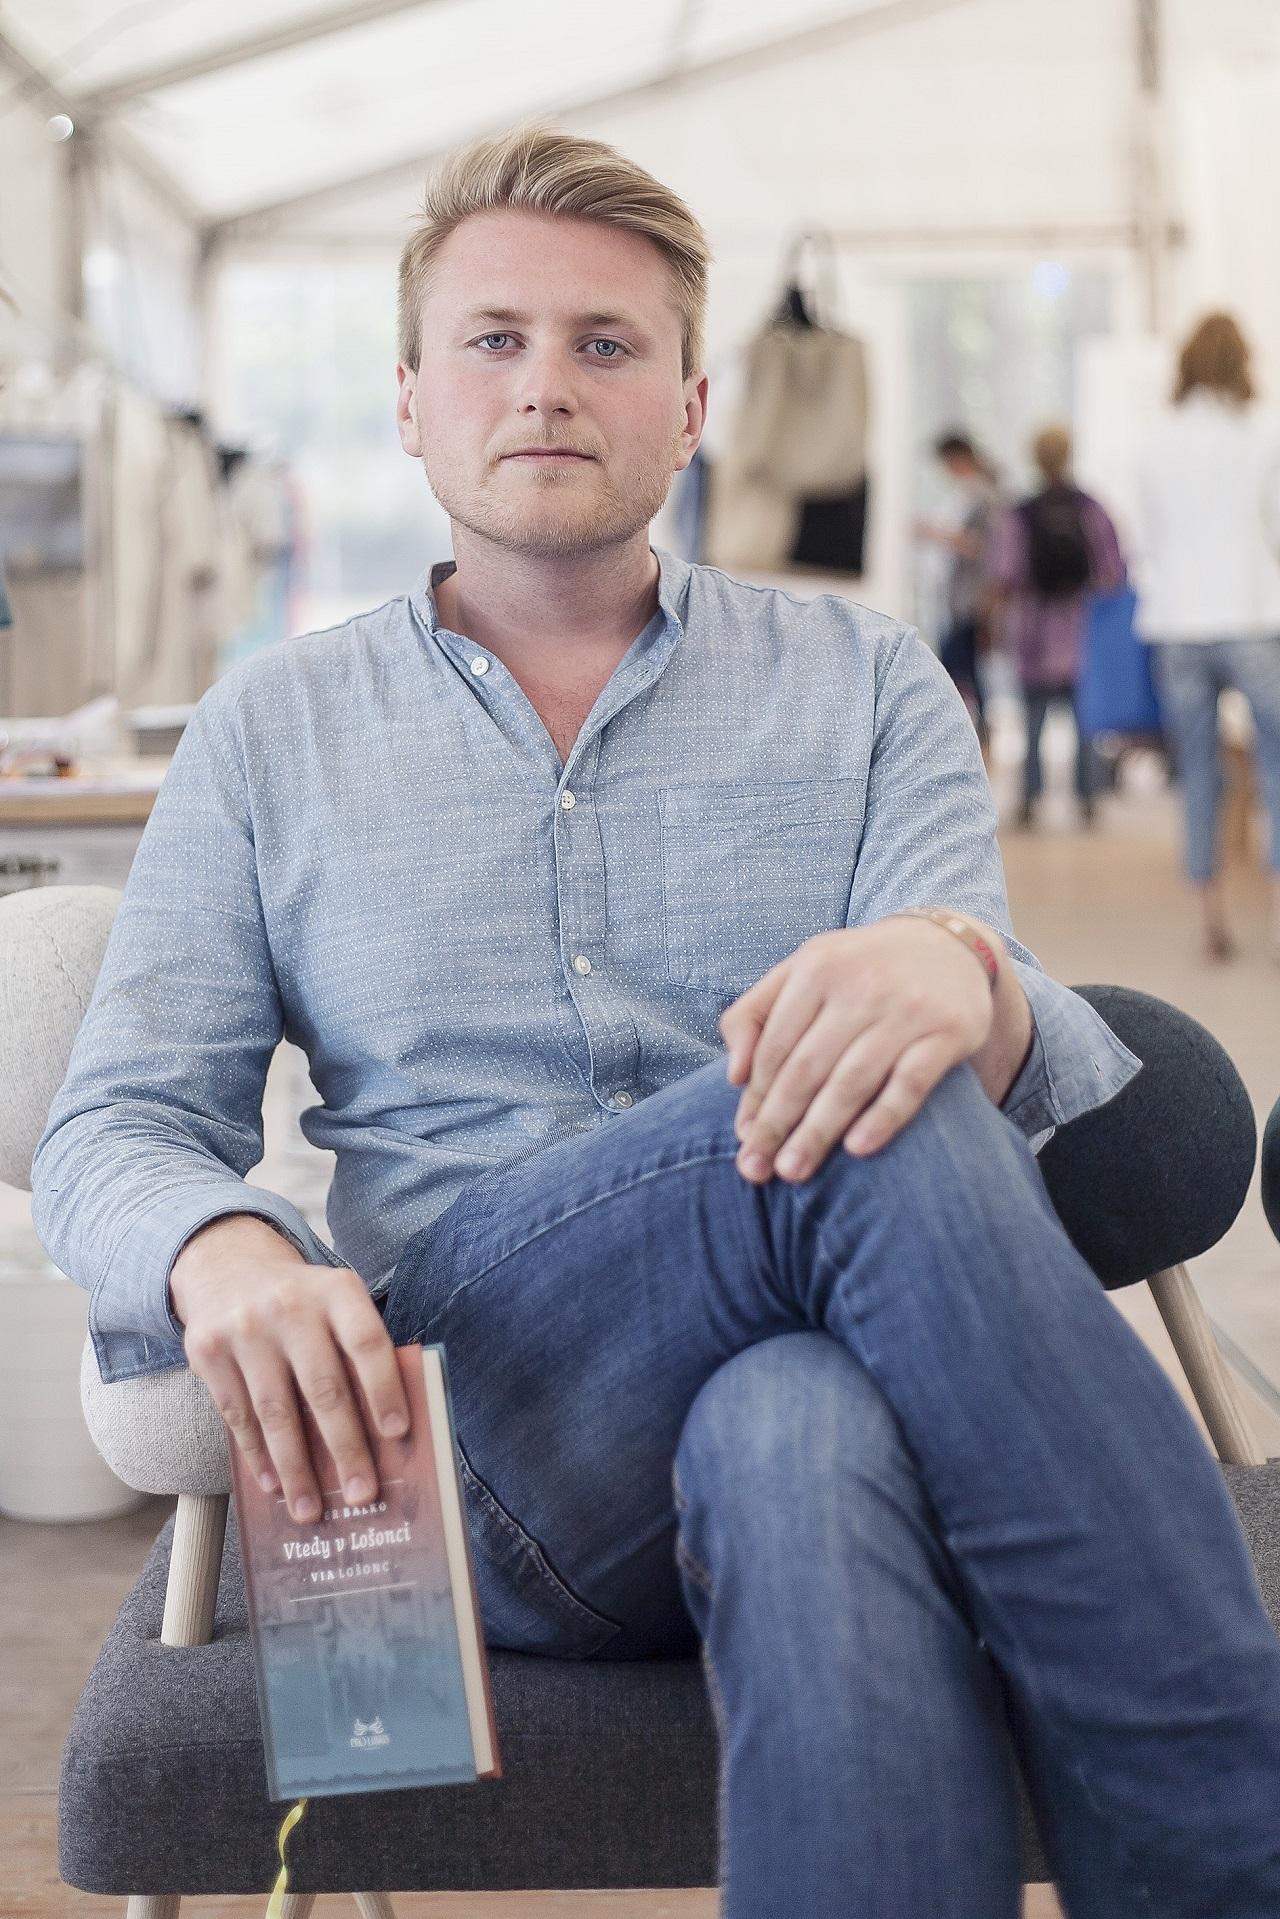 Der Autor Peter Balko trägt ein Hemd und hält ein Buch in der Hand